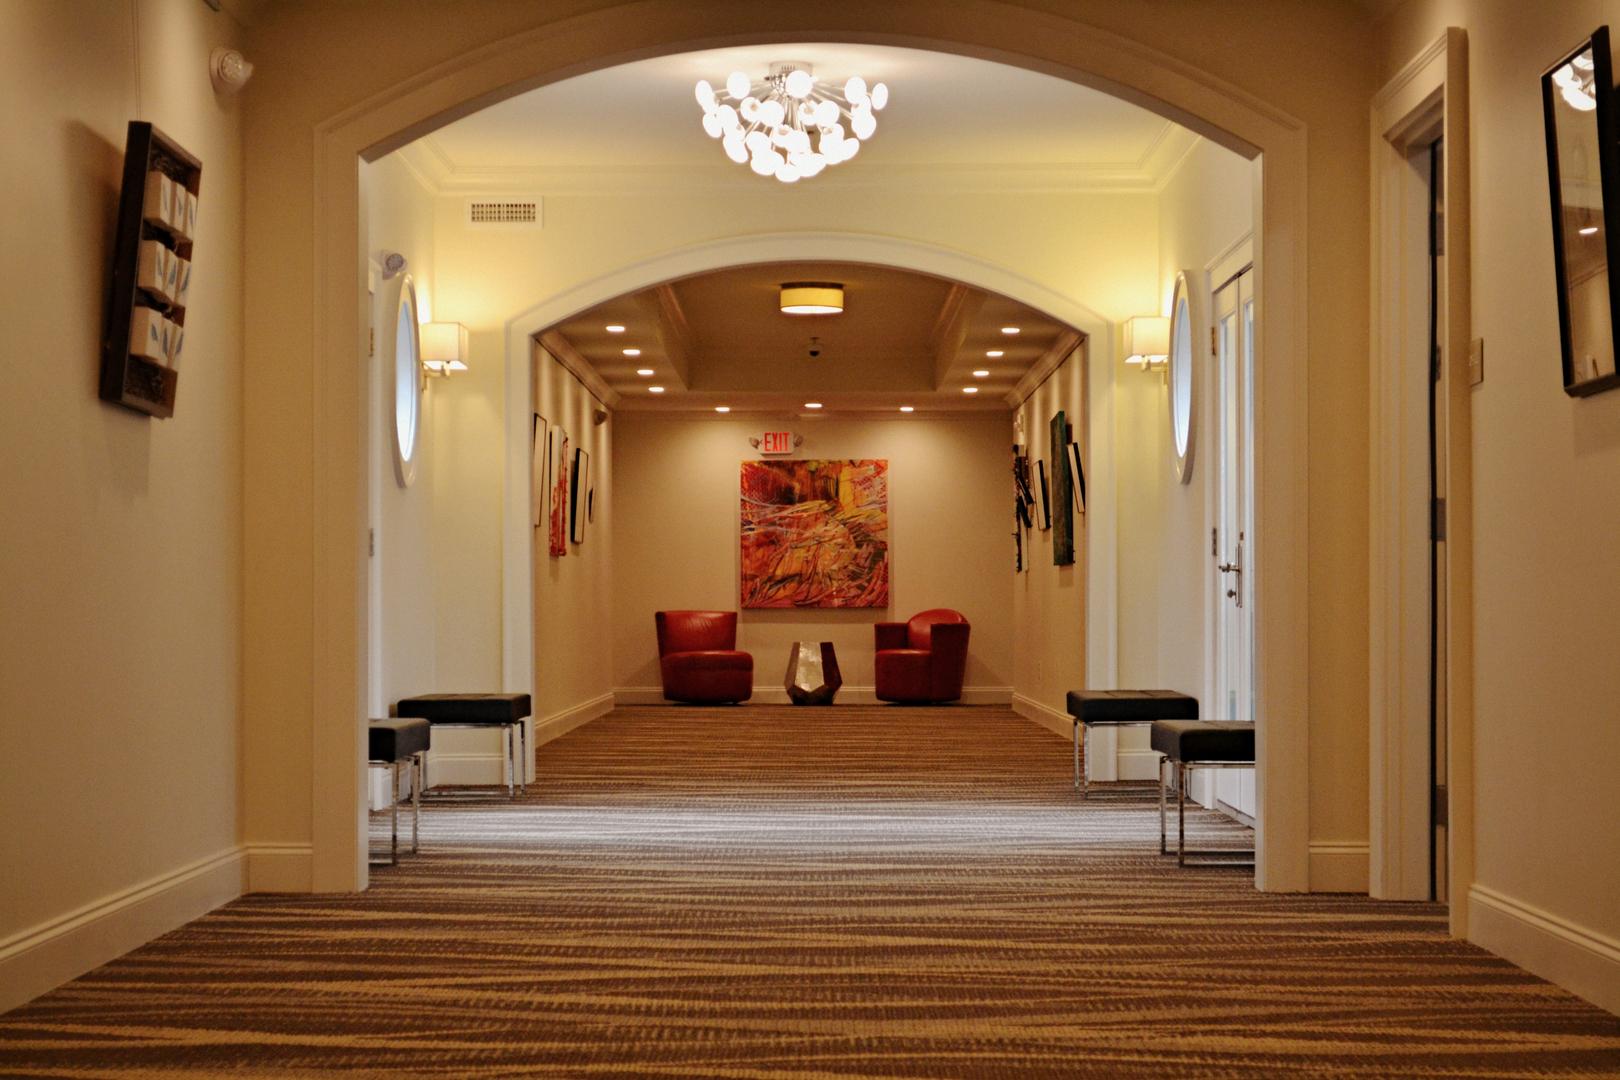 The mantissa executive suites luxury hotel in hartsville sc